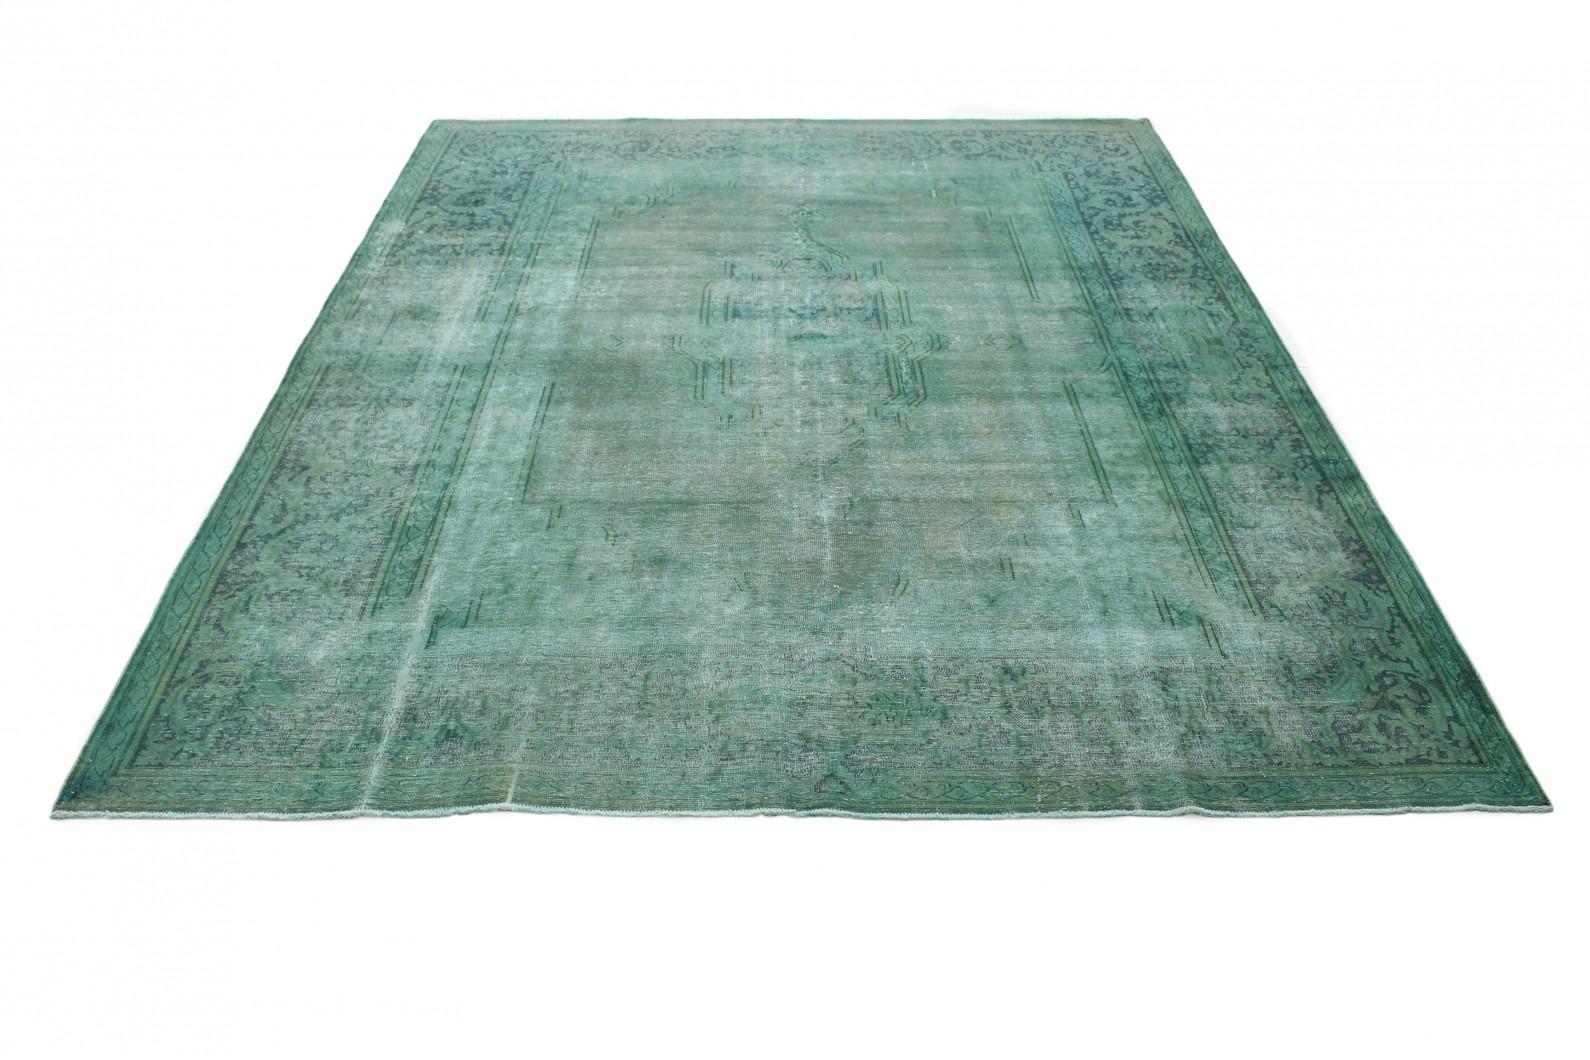 Vintage Teppich Türkis Grün in 410x310 (1 / 6)